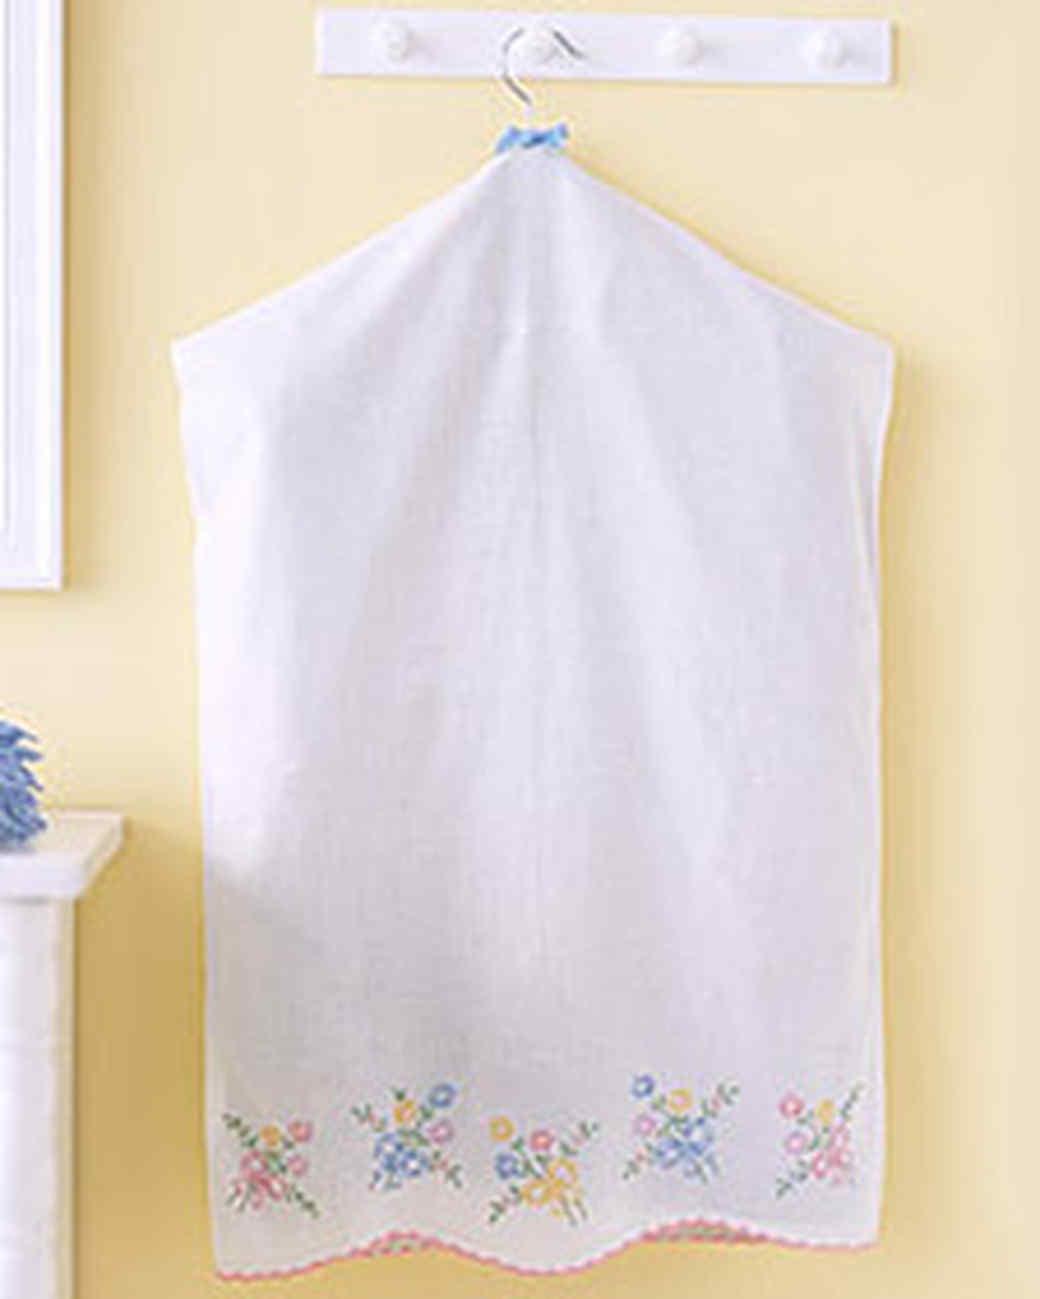 Pillowcase Garment Bag